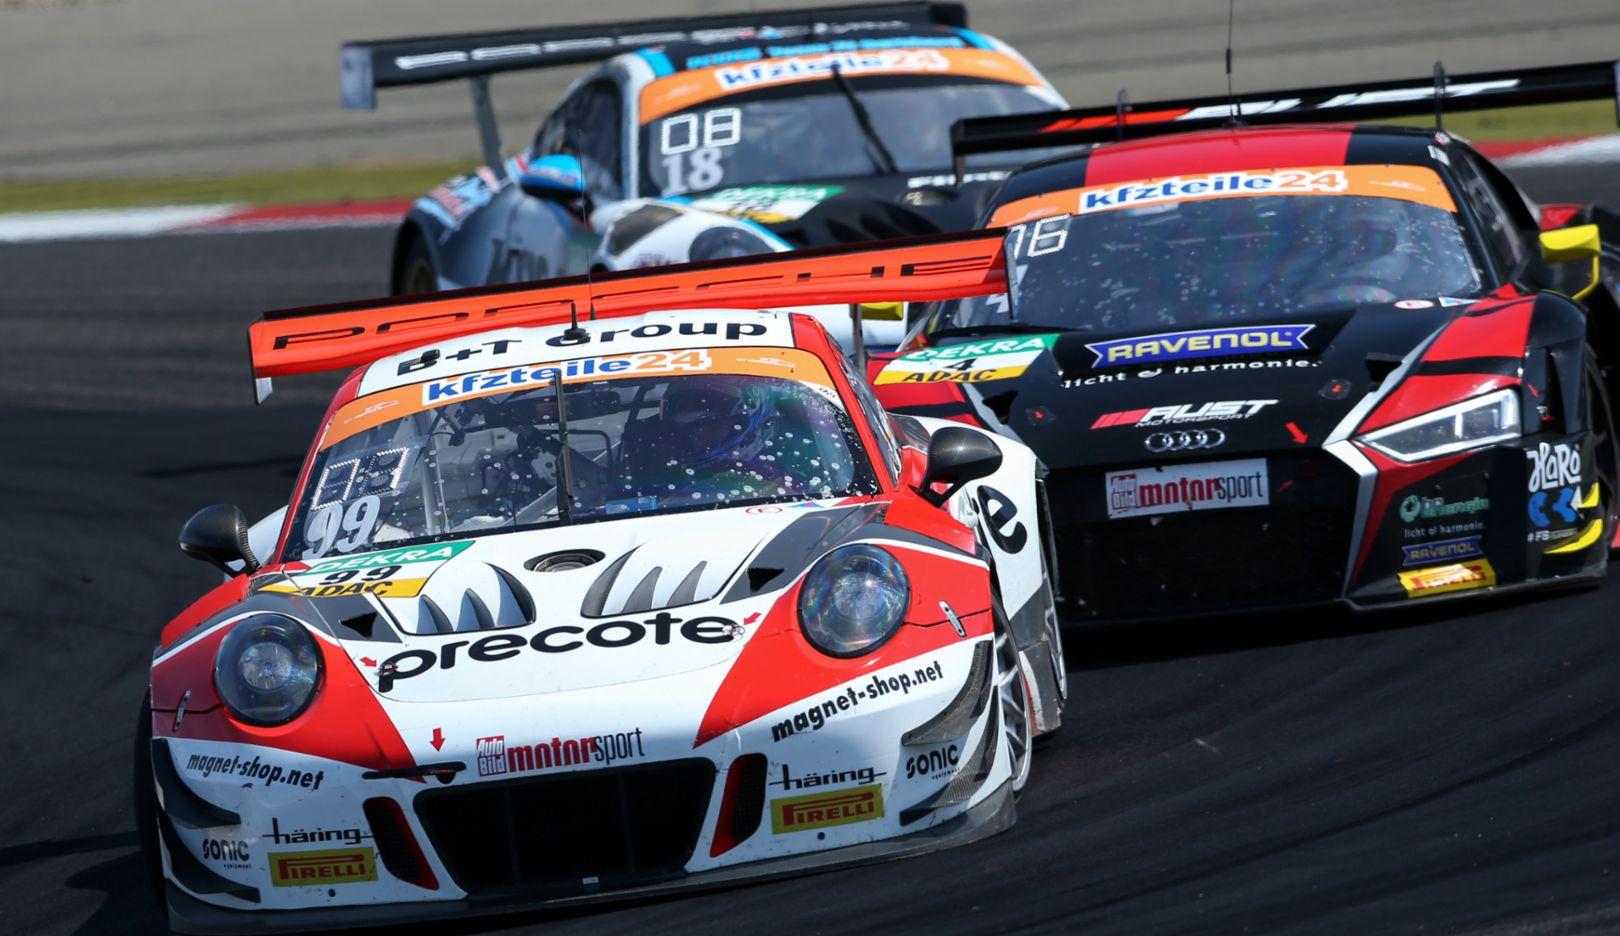 ADAC GT Masters, 8. Rennen, Nürburgring, 2018, Porsche AG